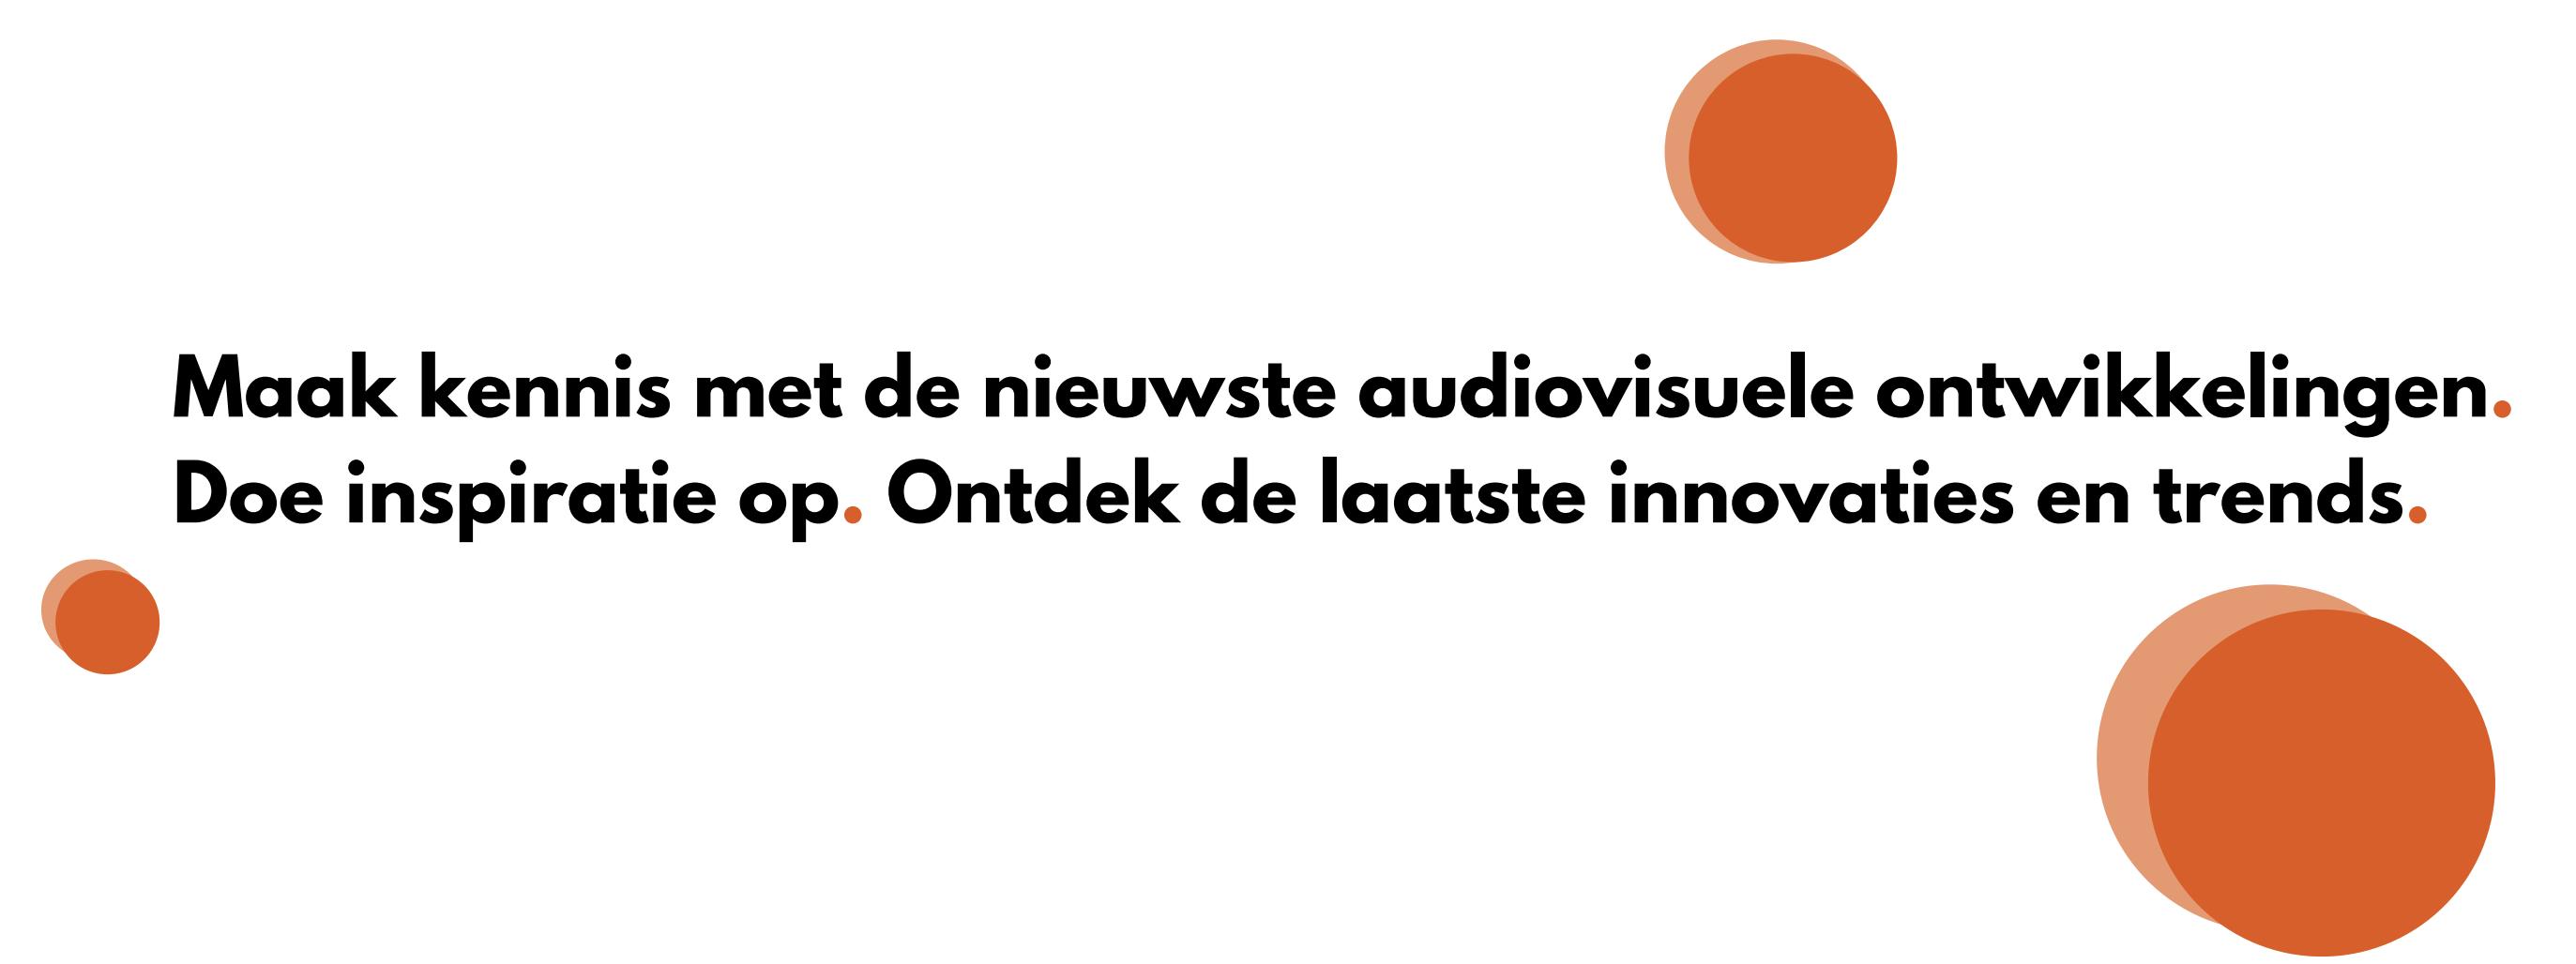 Audiovisueel blog over trends en ontwikkelingen op audiovisueel gebied